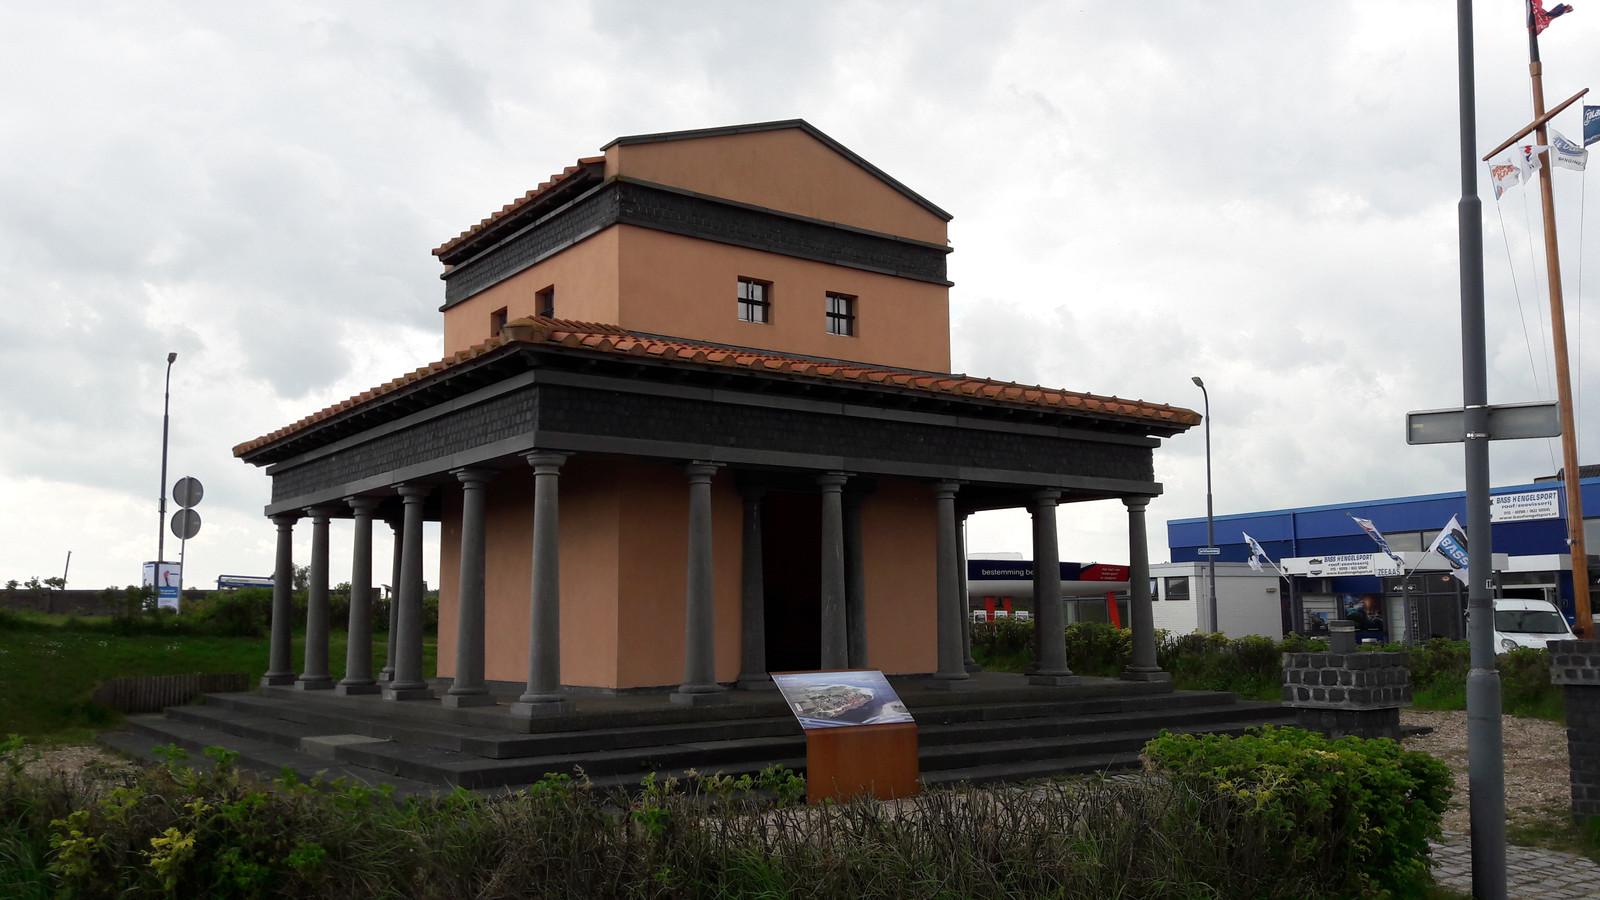 De Nehalenniatempel in Colijnsplaat.